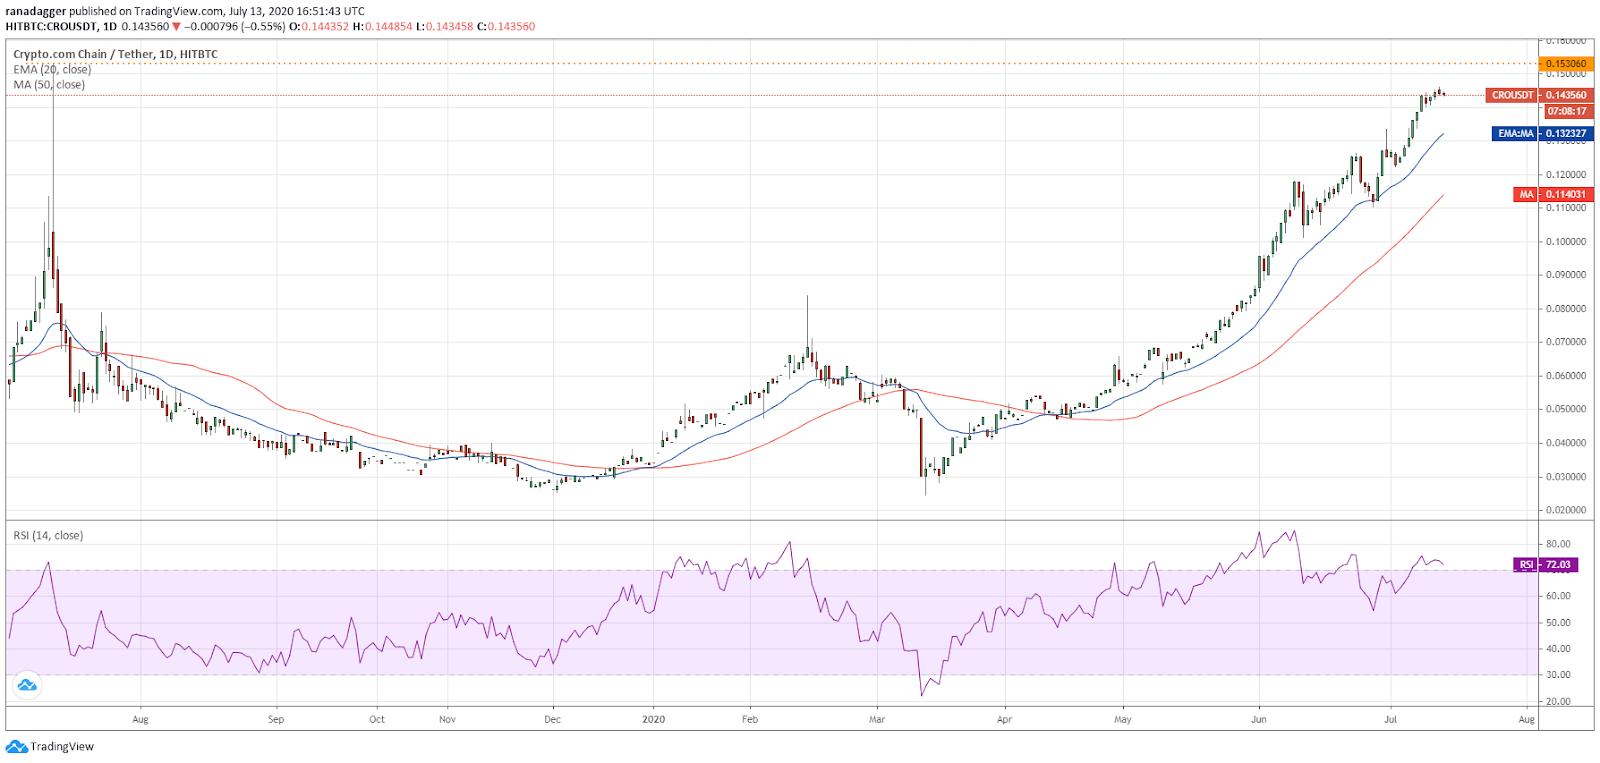 Gráfico diario para el par CRO/USD. Fuente: TradingView